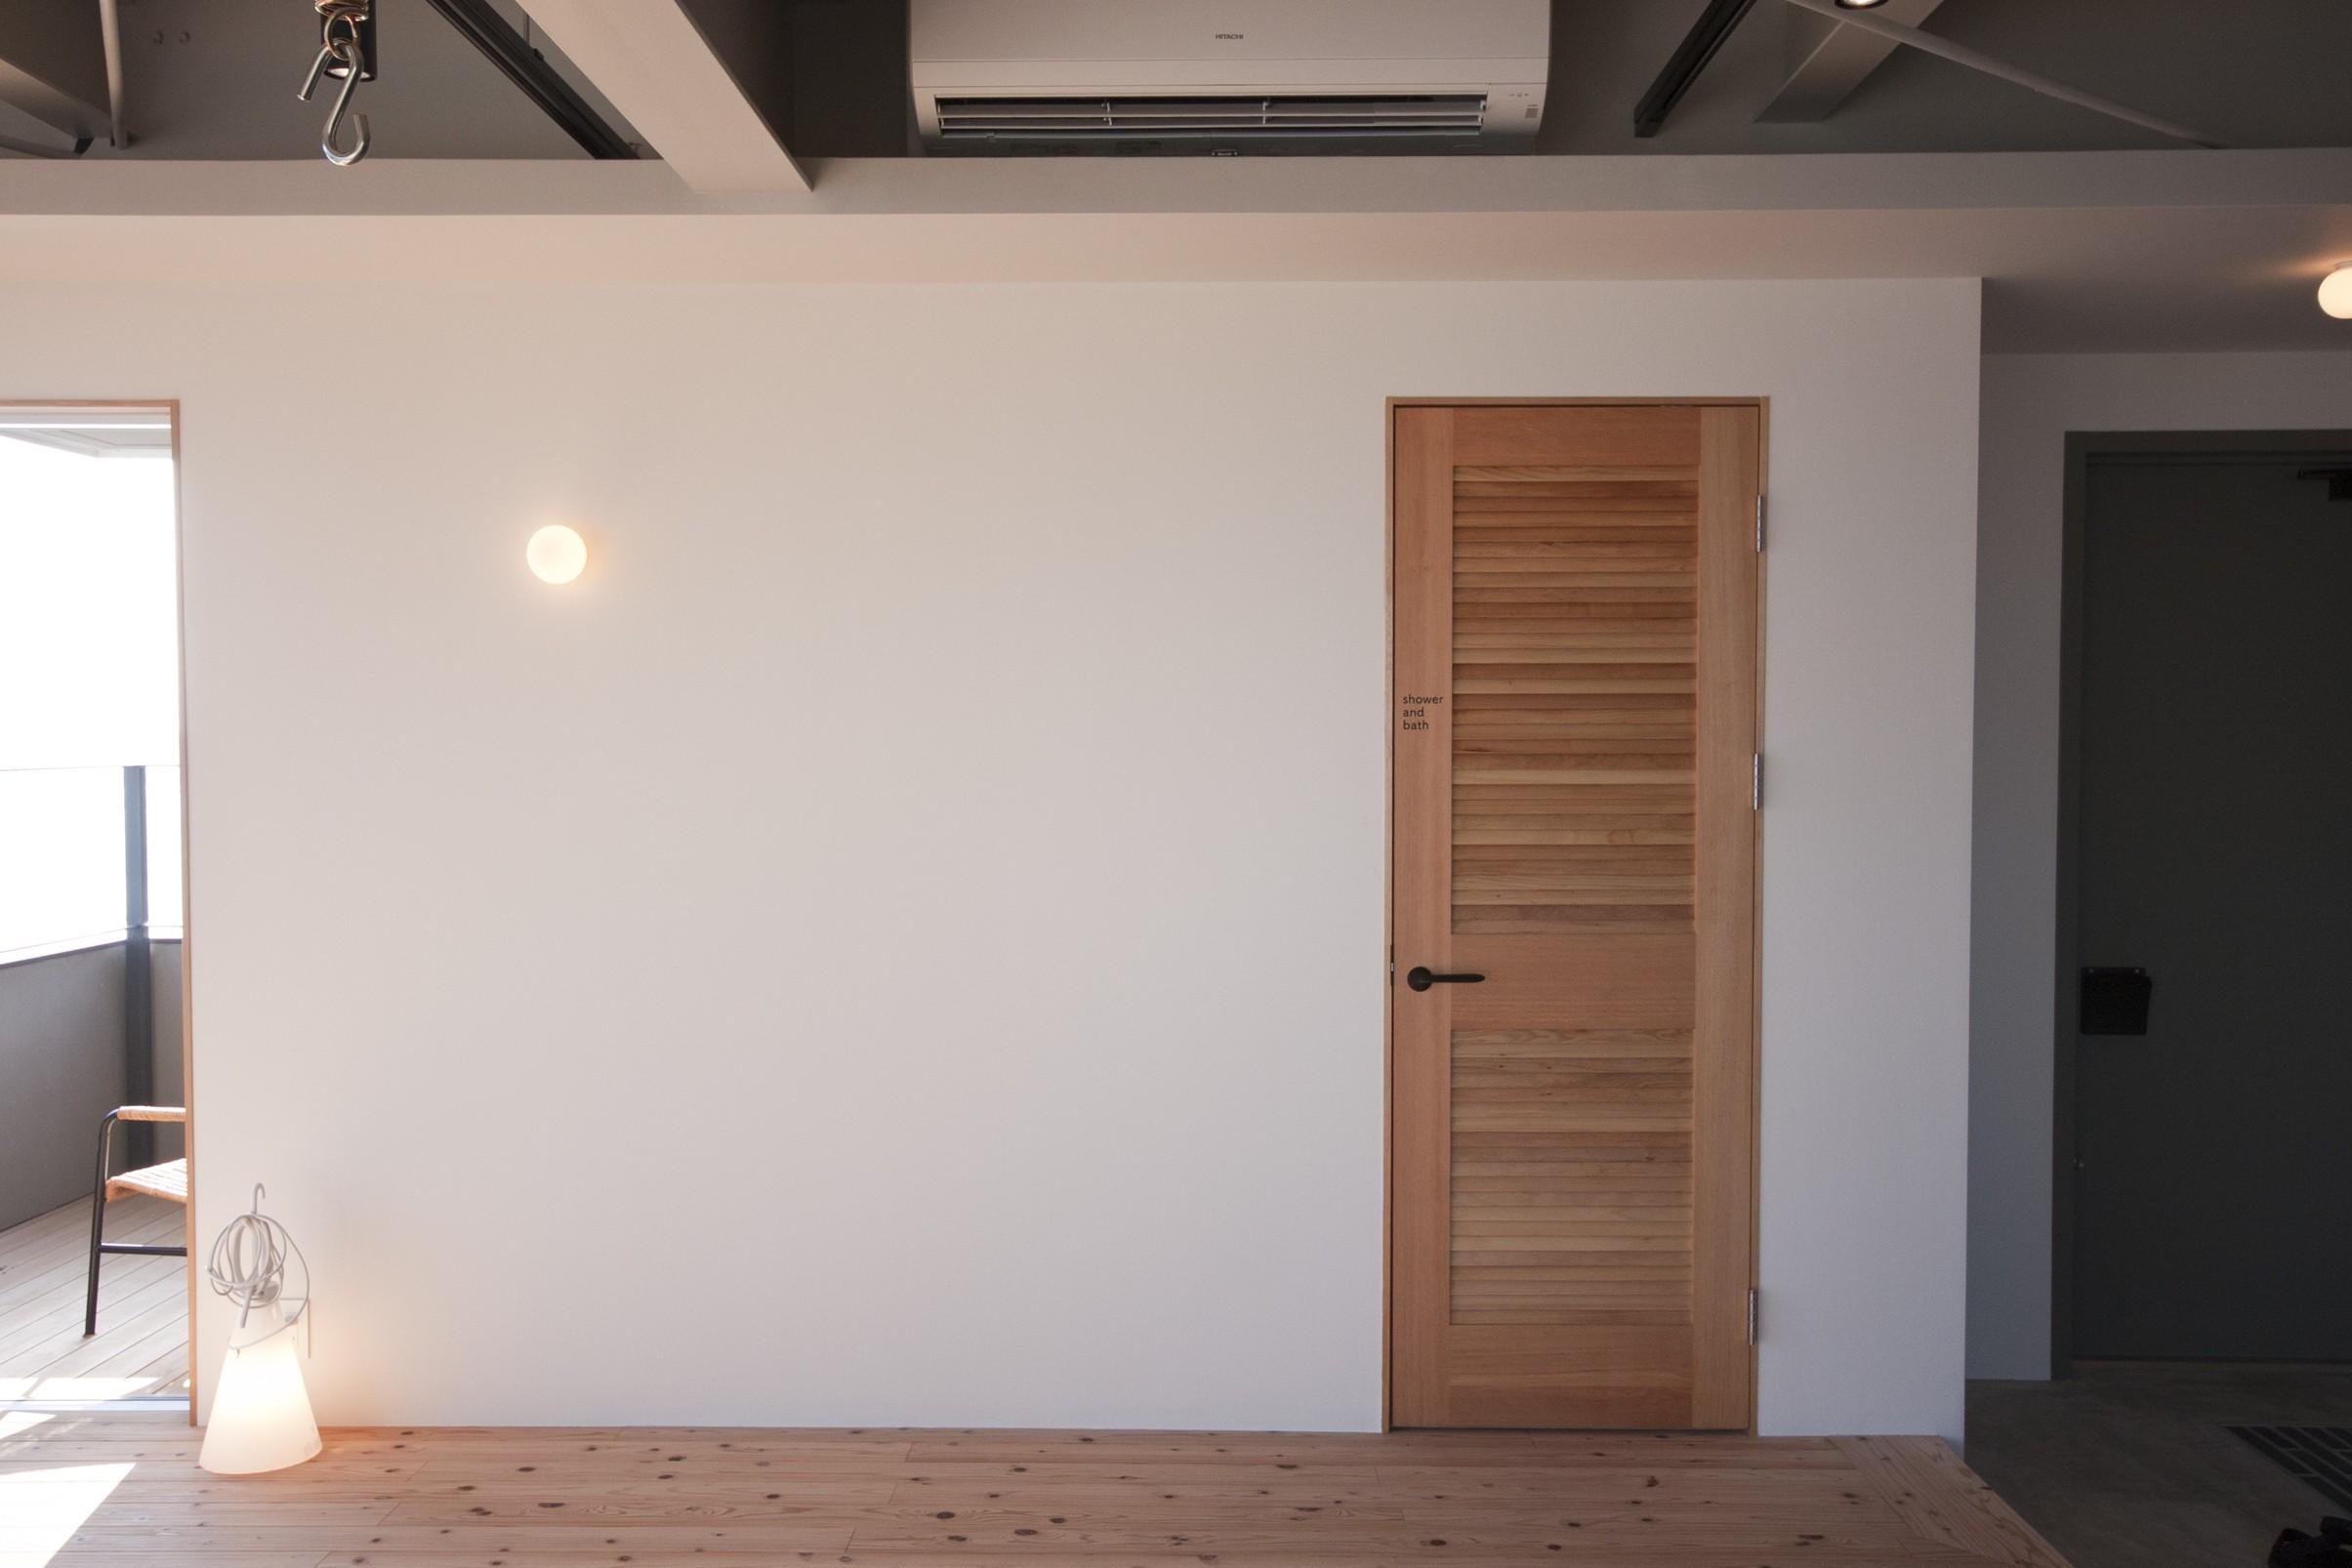 リビングダイニング事例:シャワールームとバルコニーと一粒の照明(private villa nook)